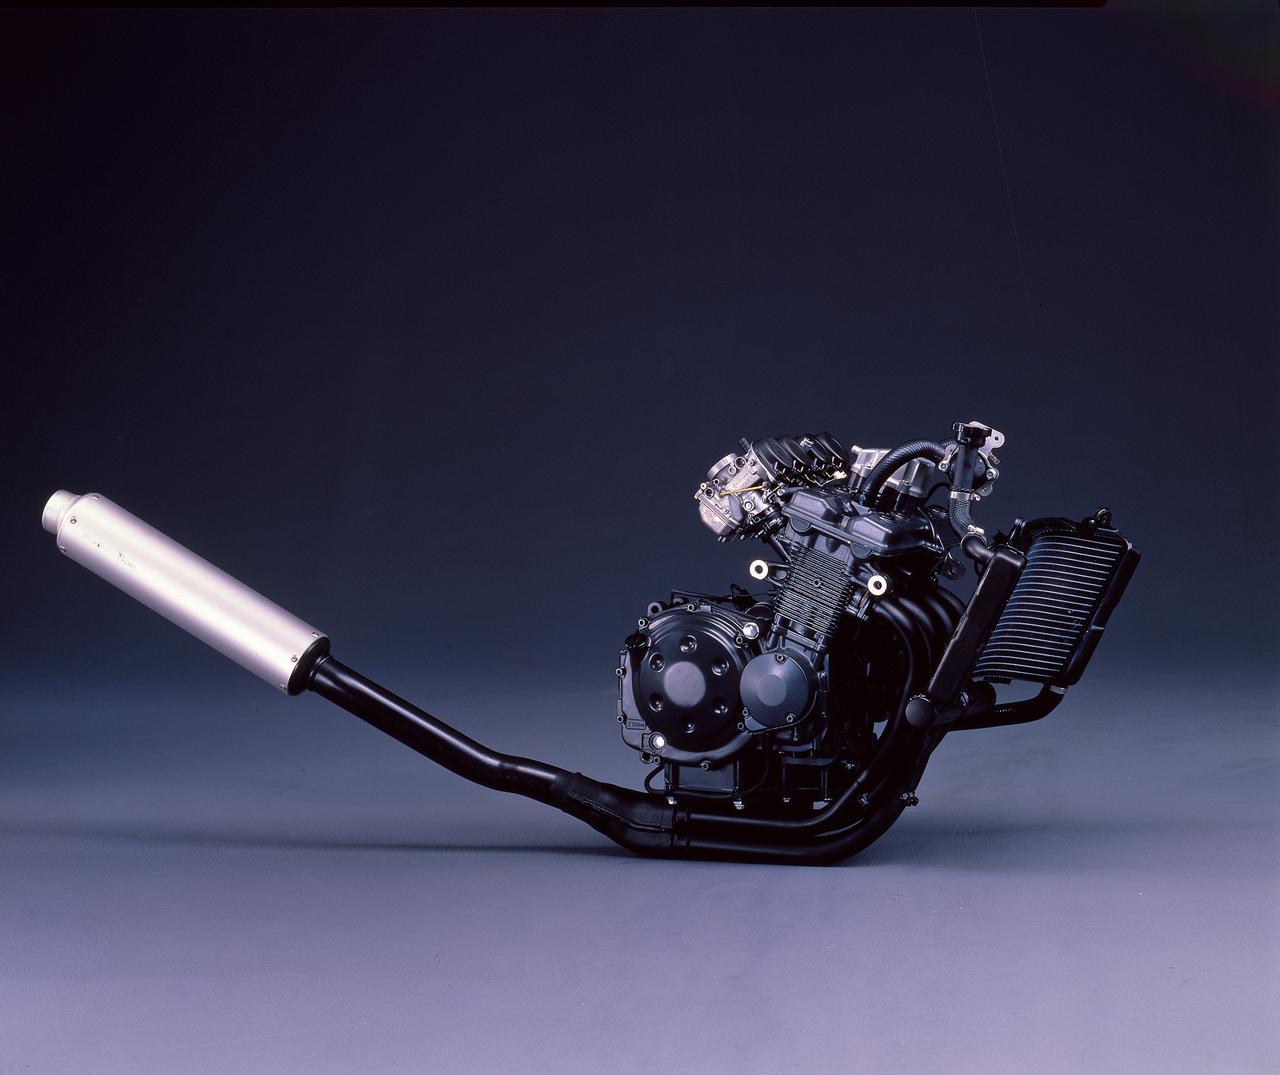 Images : 9番目の画像 - 「【プレイバック80's】「SUZUKI GSX-R250」サーキットが似合う過激なパフォーマンスのニーハンGSX-R(1987年)」のアルバム - webオートバイ